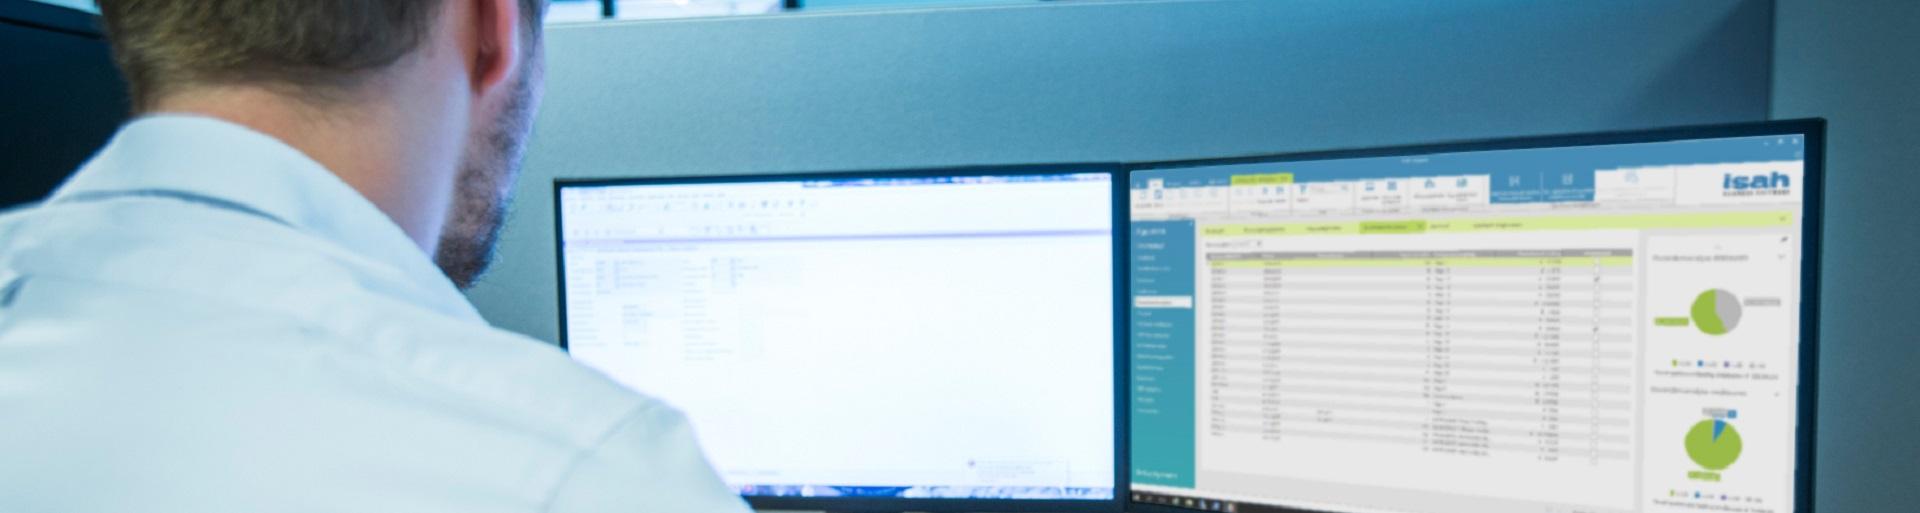 Rijnvicus kan financiële ontwikkelingen binnen haar organisatie goed monitoren dankzij Isah Finance en PowerBI